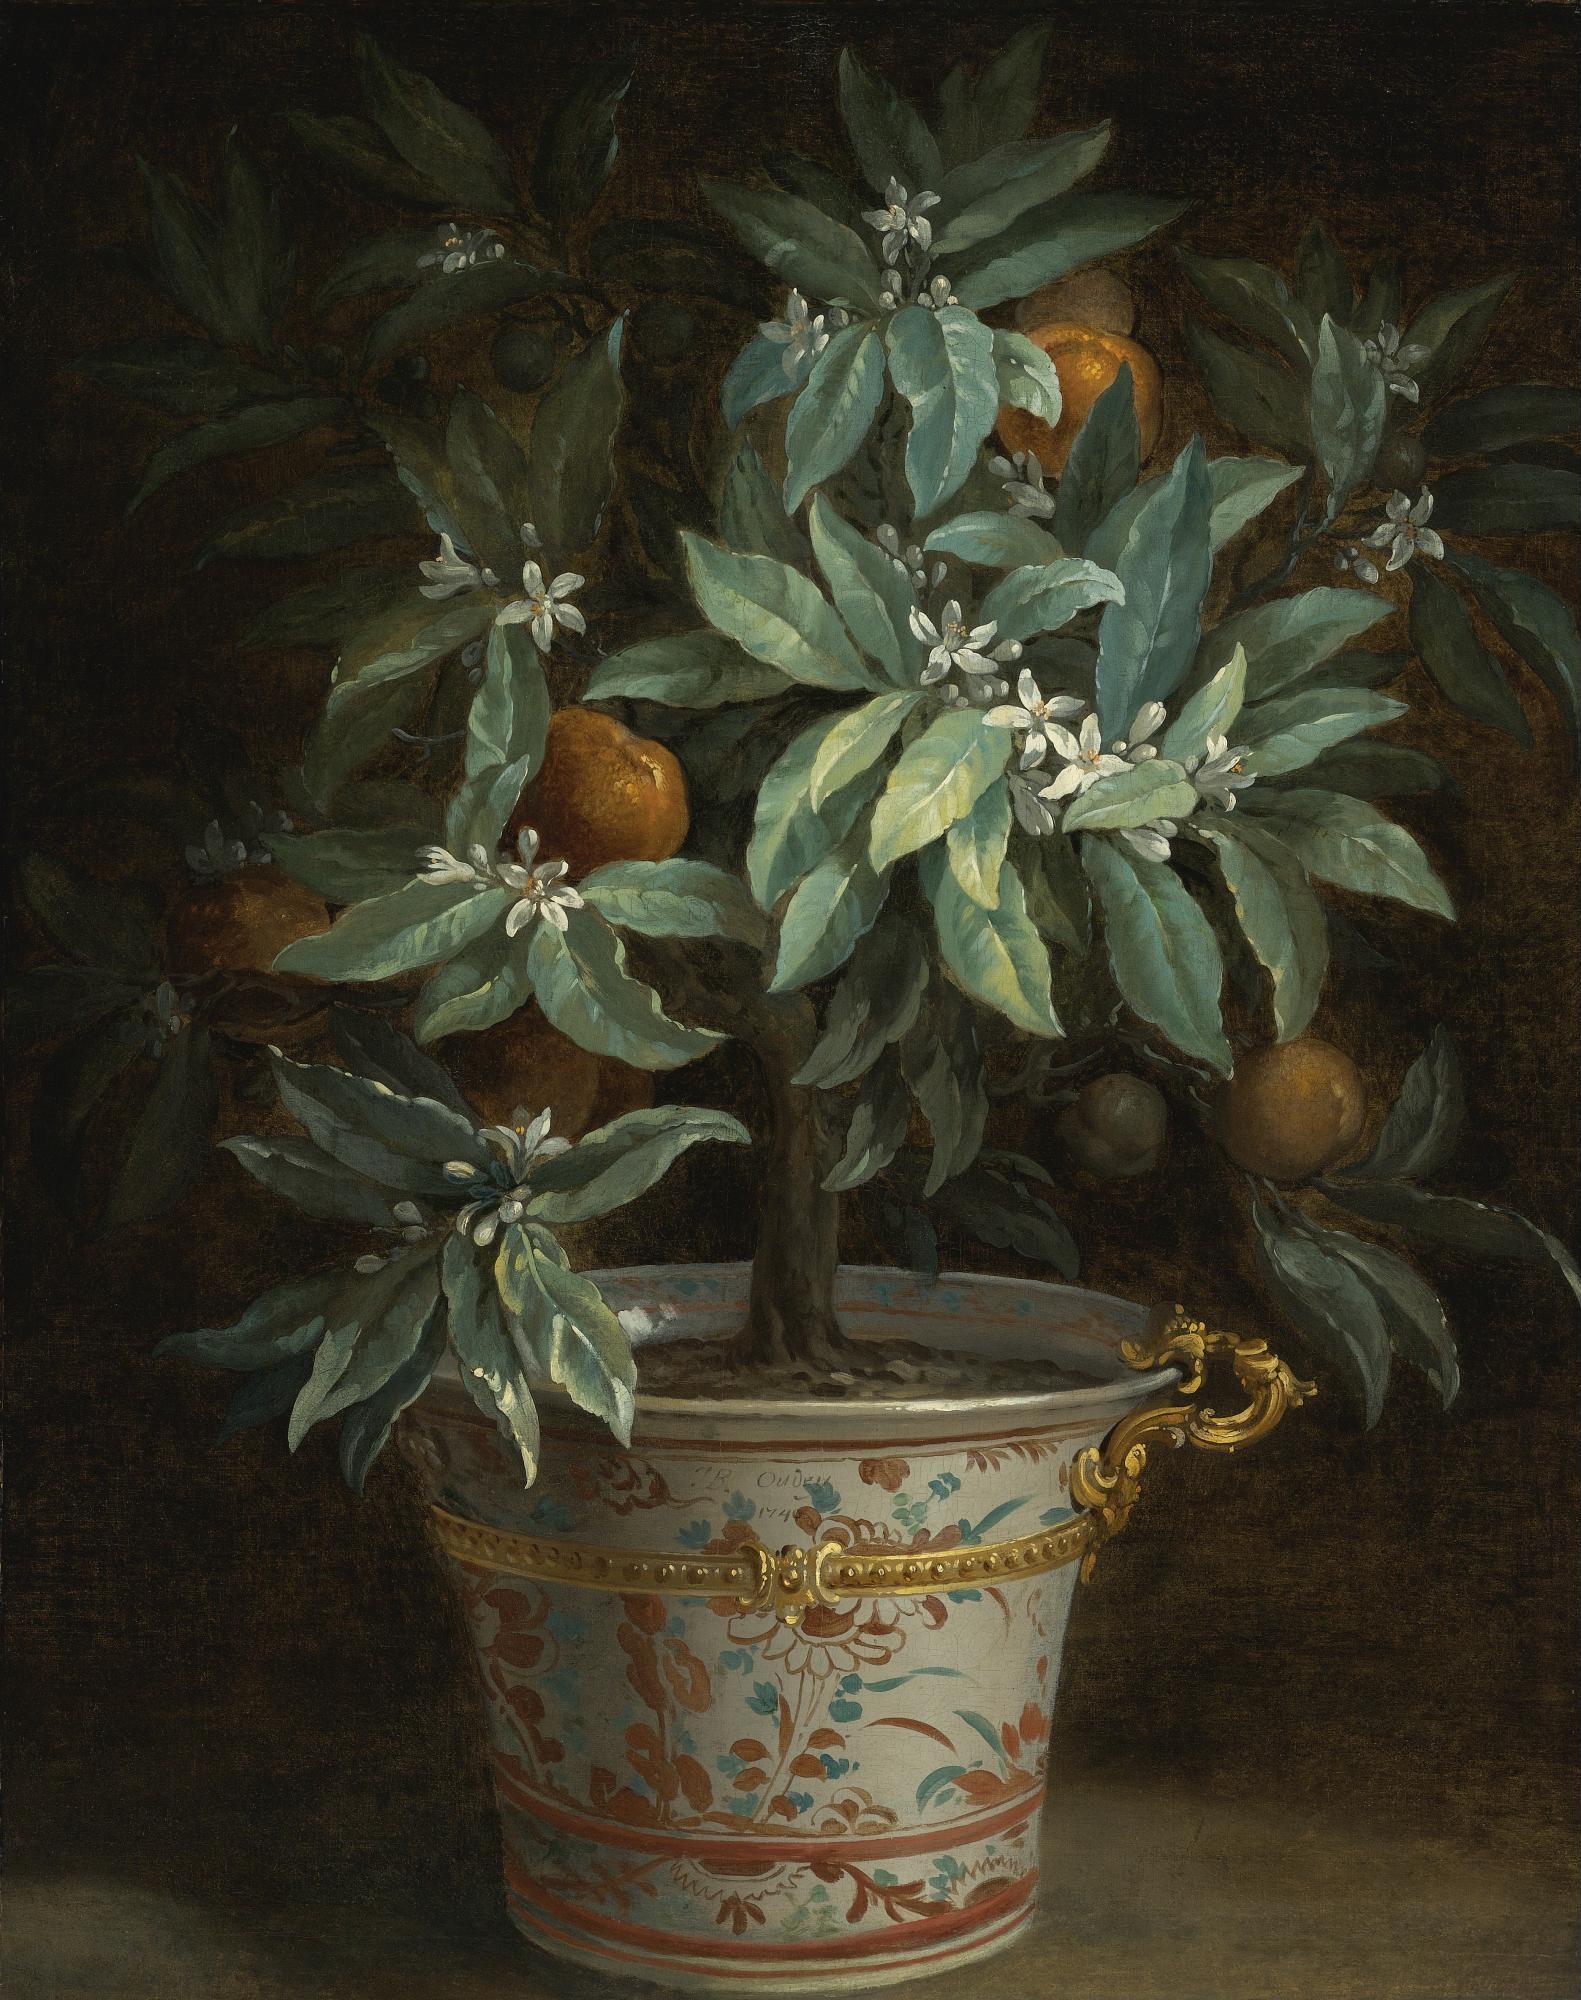 L'Oranger, par Jean-Baptiste Oudry, 1740